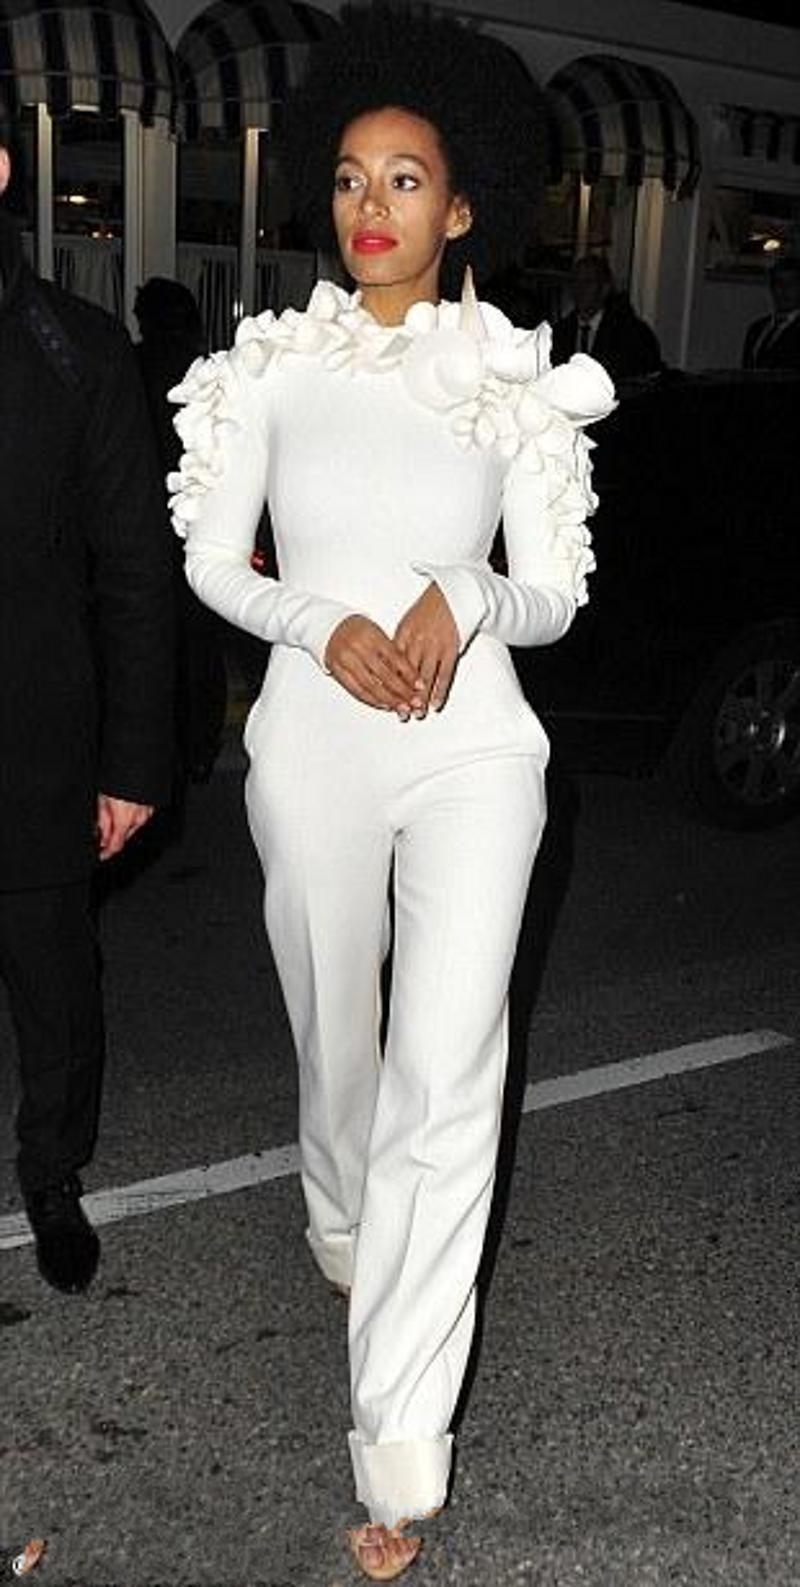 09f81191474e8 2018 New Arrival Celebrity Dresses White Leg Jumpsuit Long Sleeves ...